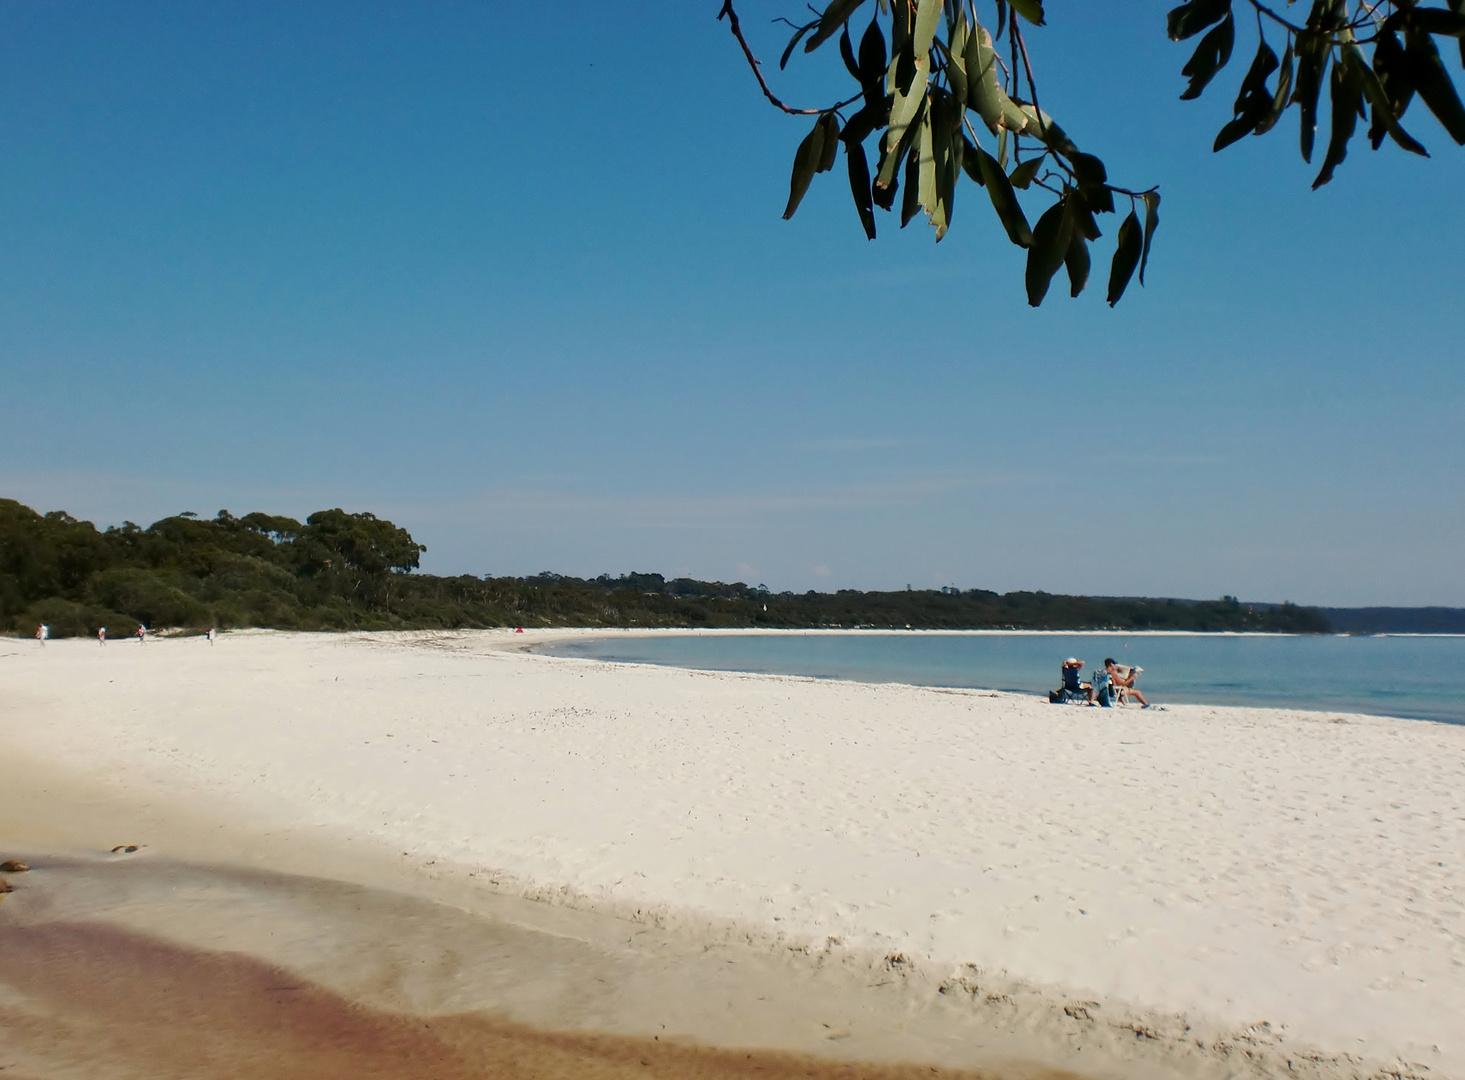 Une plage de sable blanc